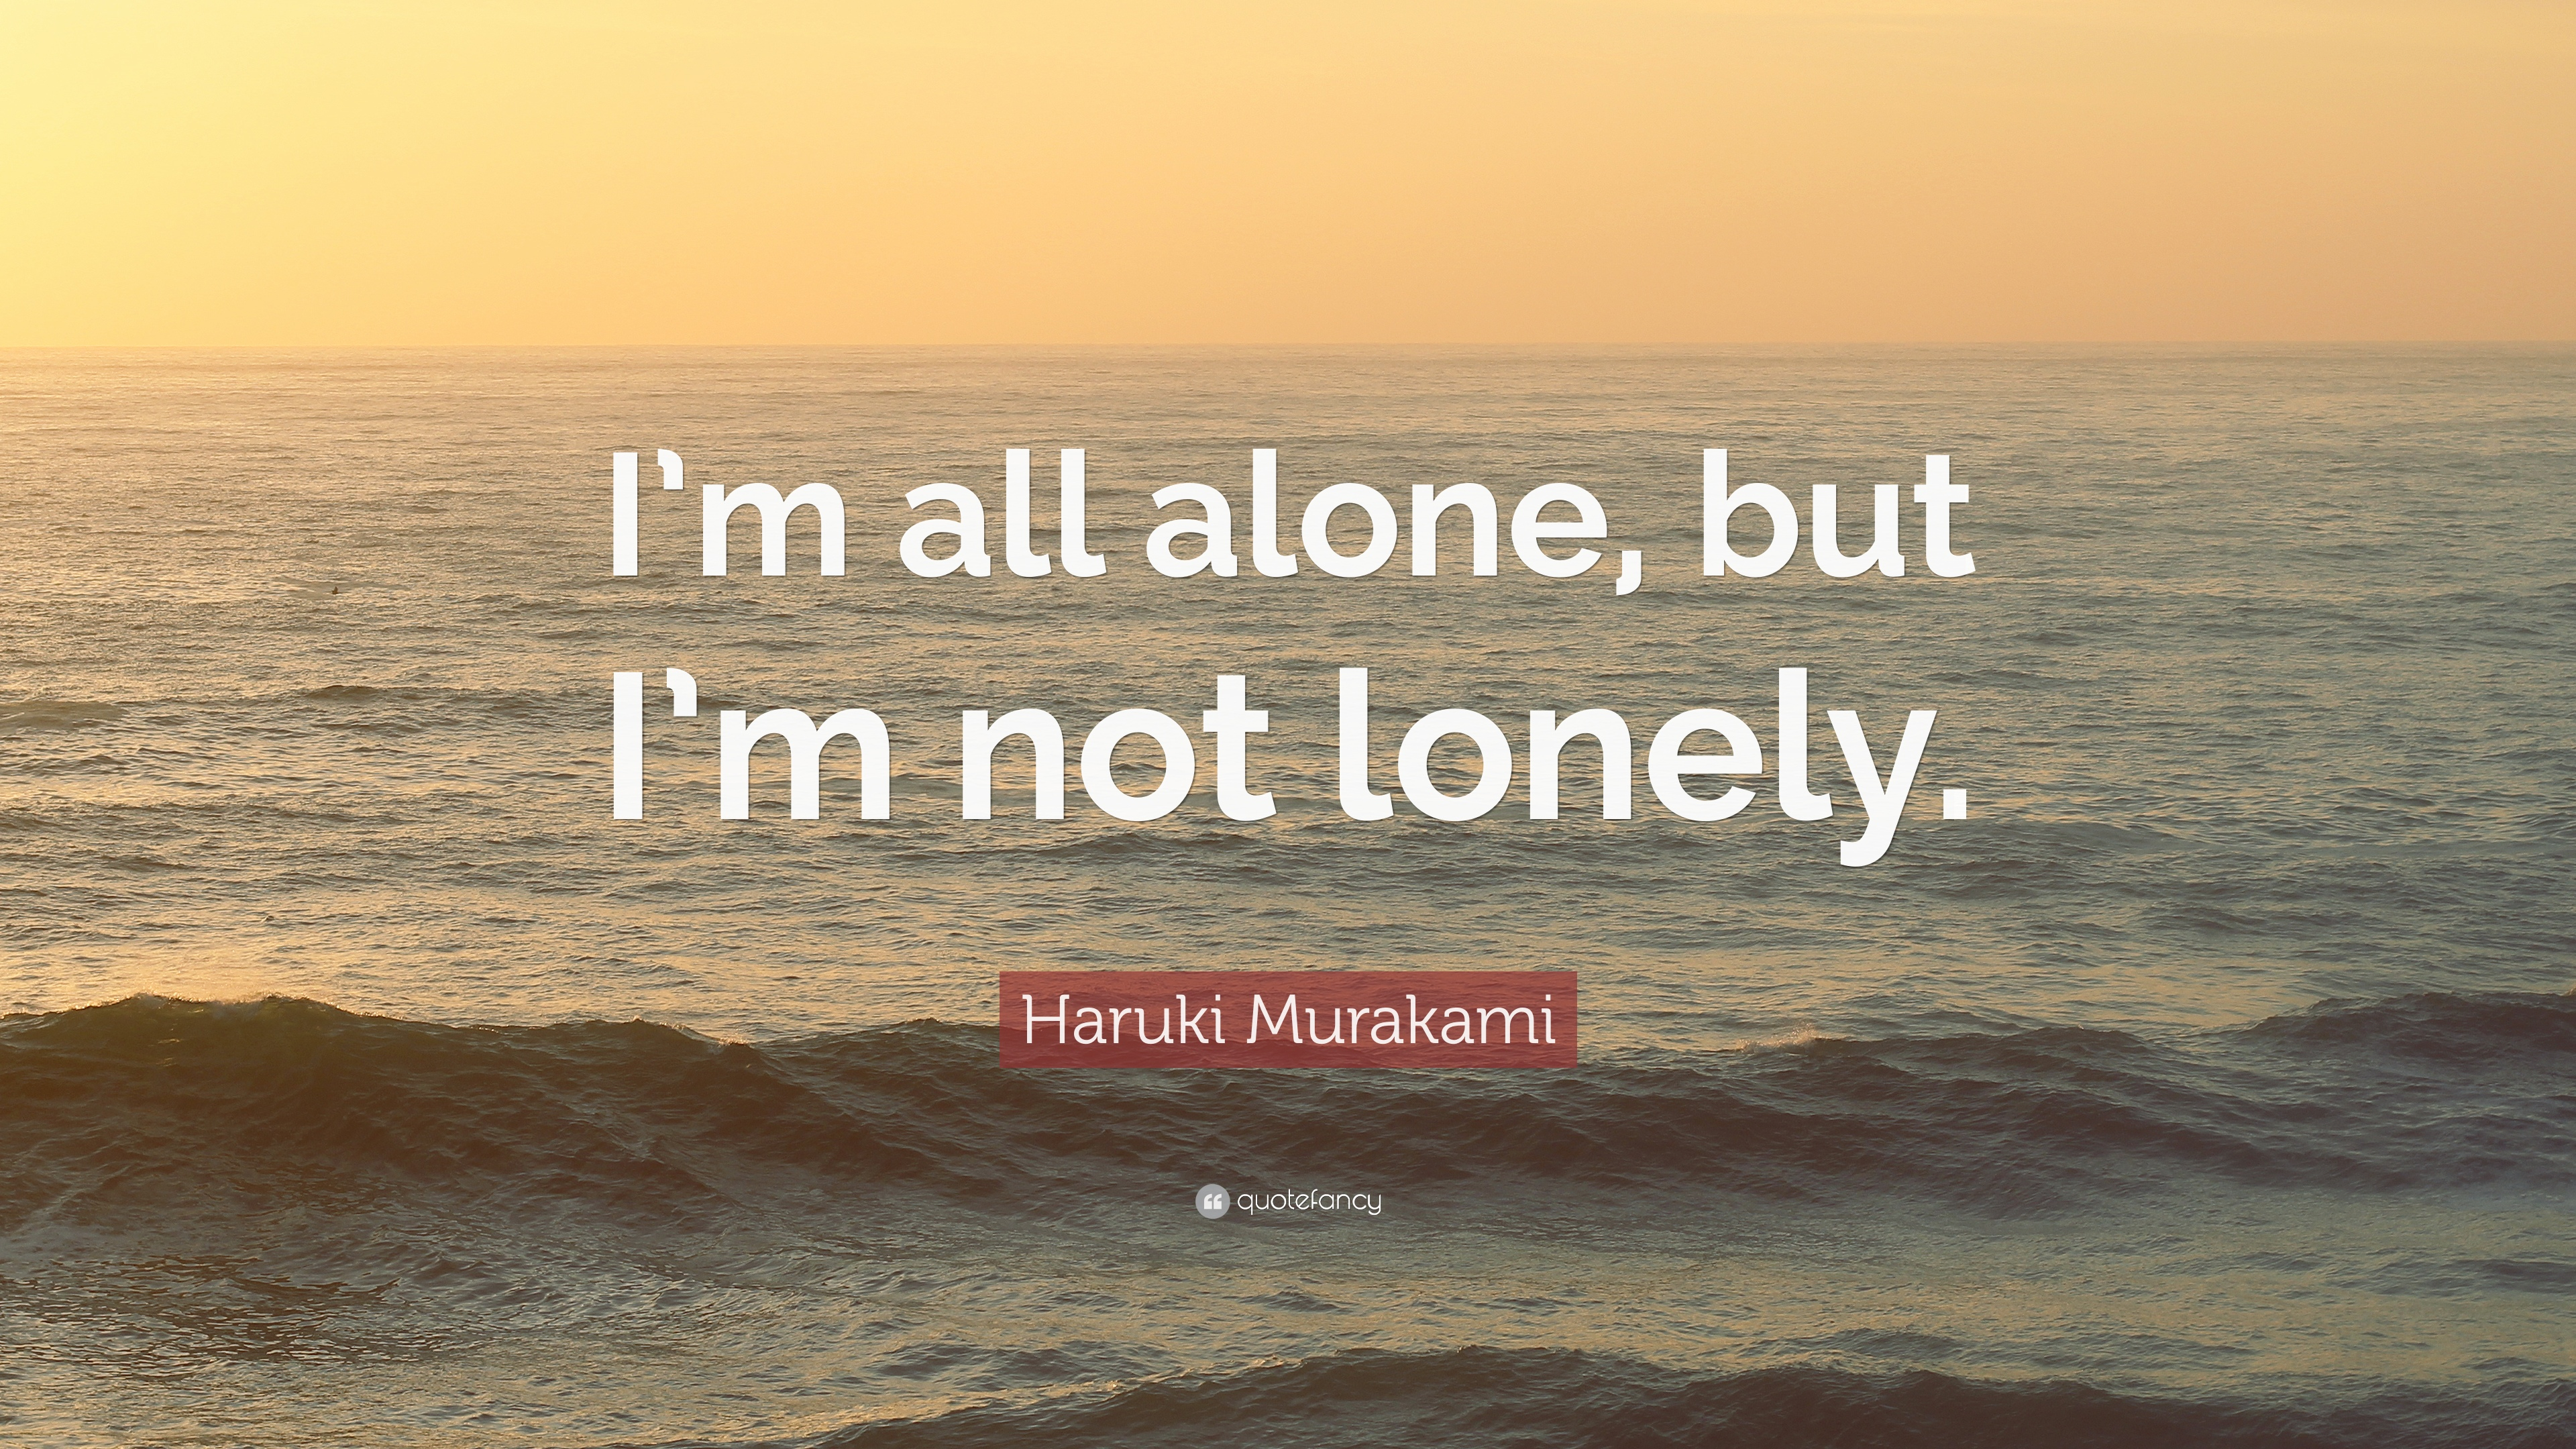 Haruki Murakami Quote: Im all alone, but Im not lonely